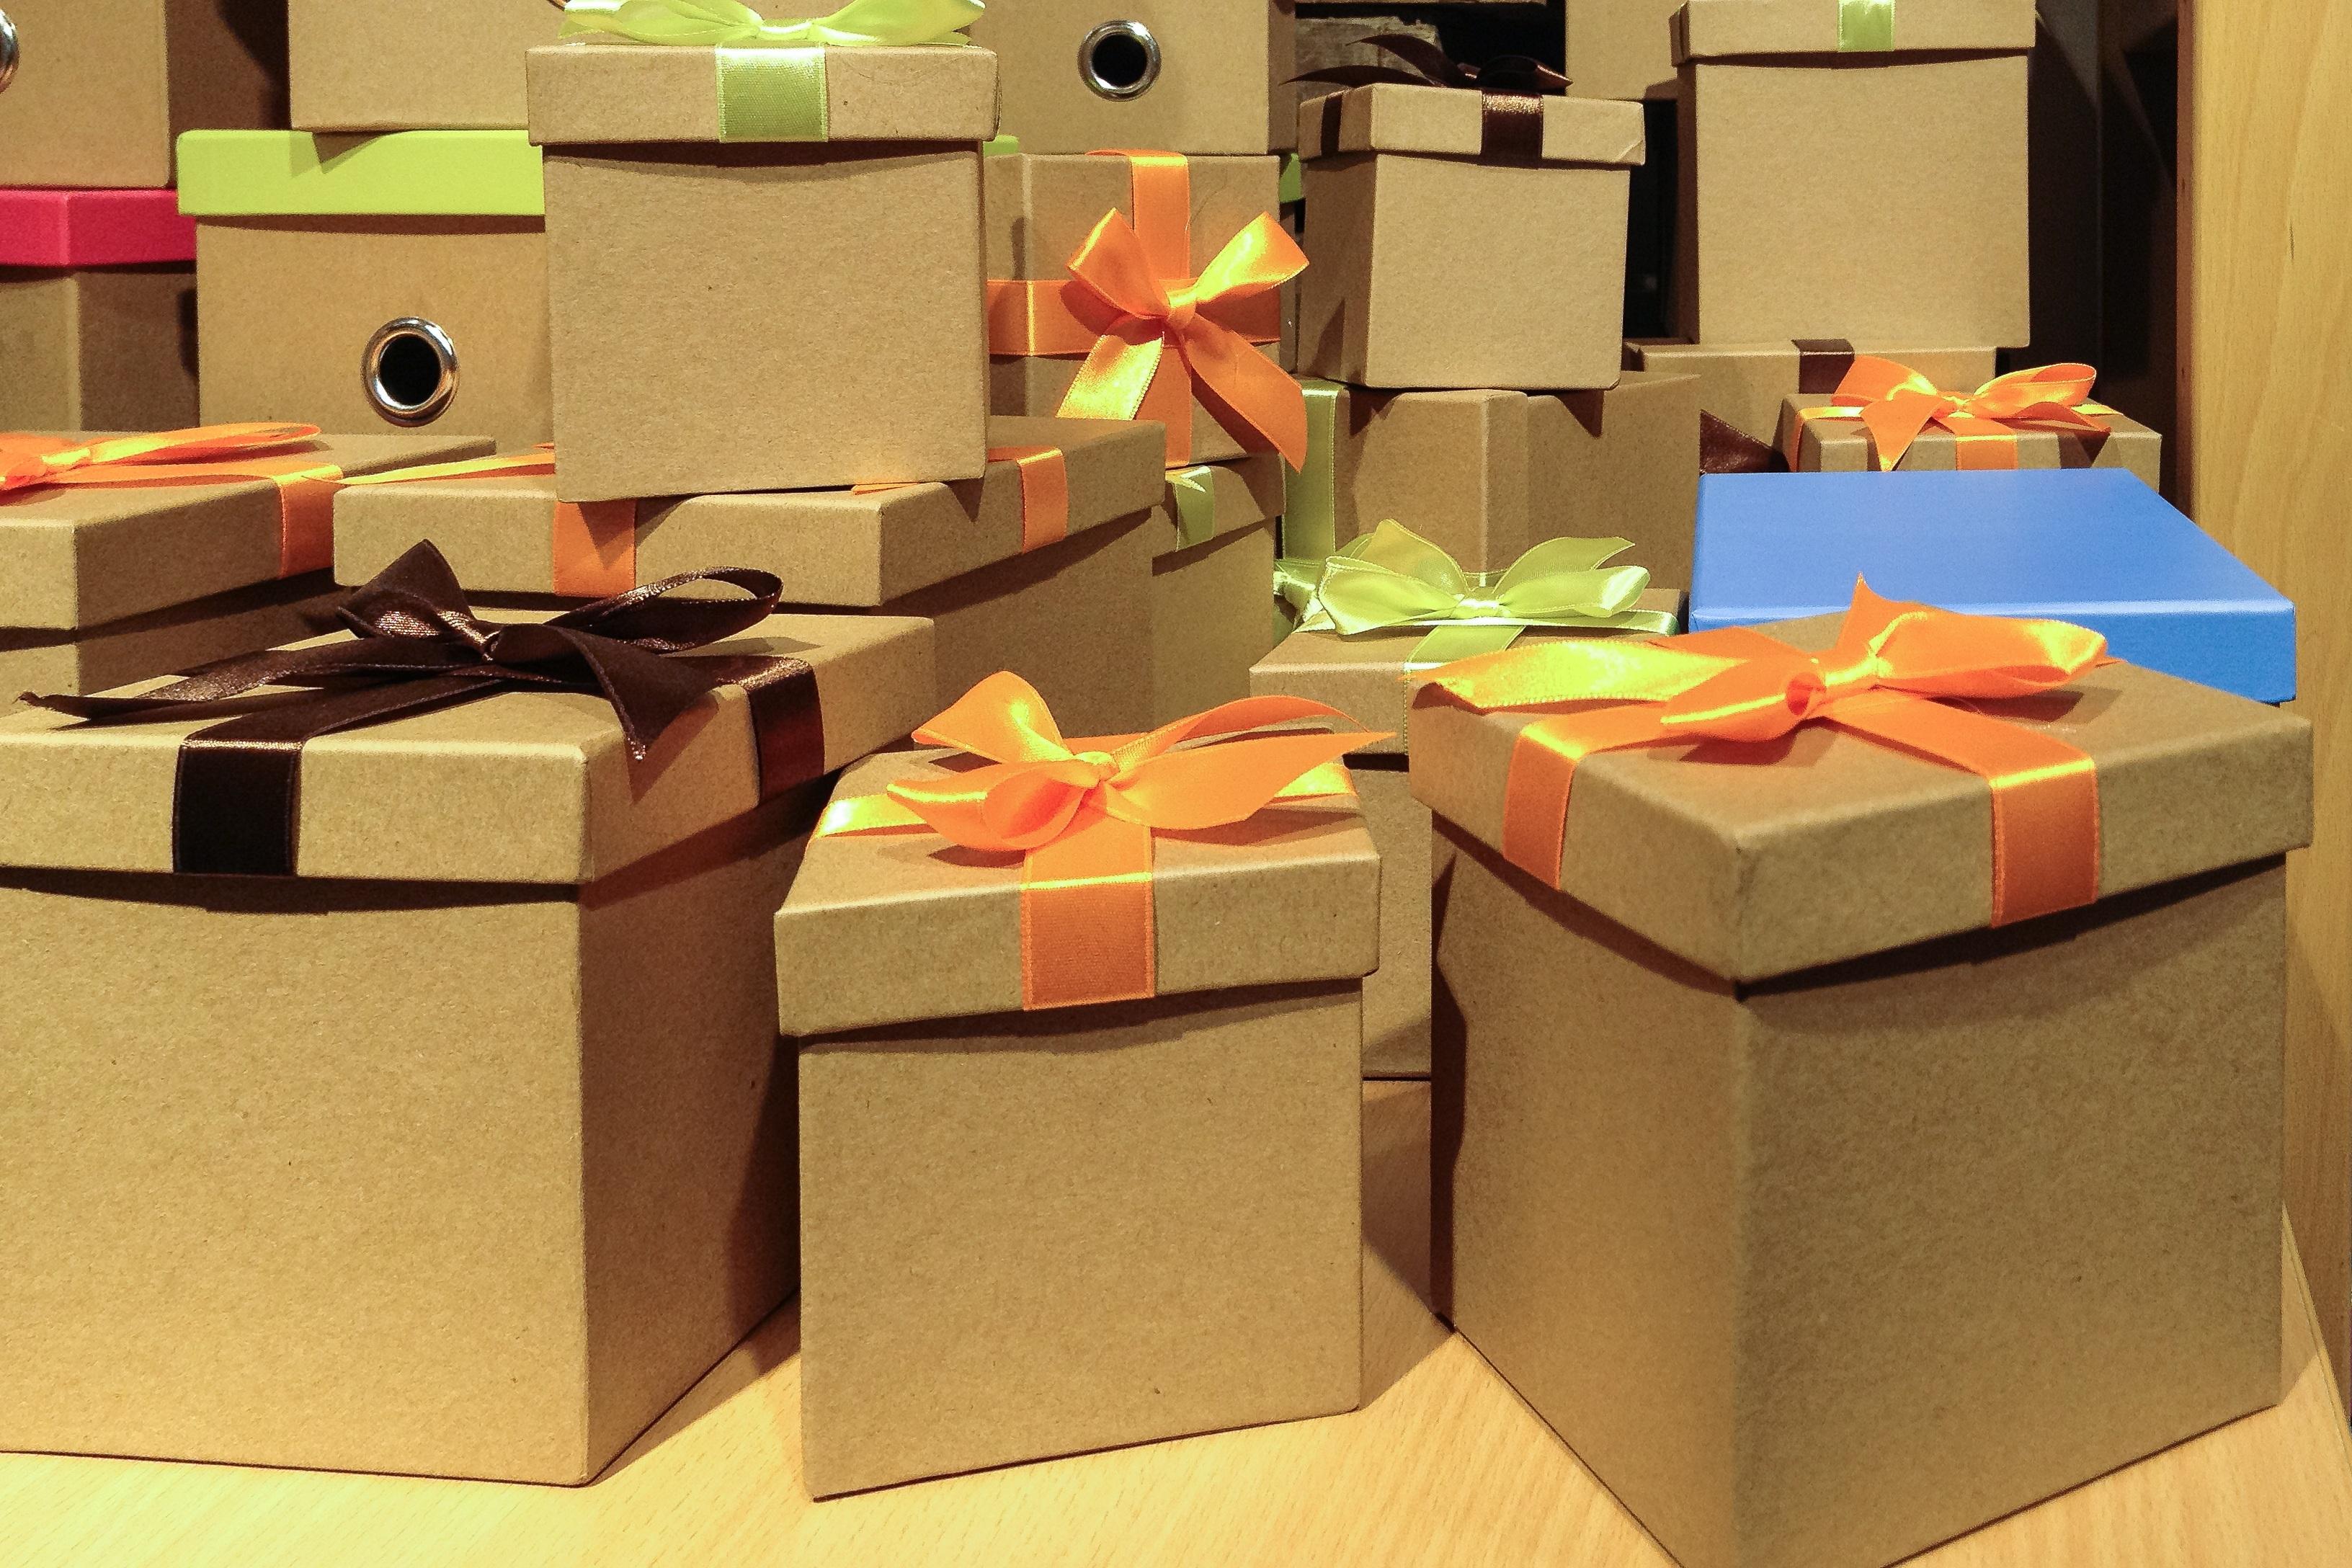 Cadeau De Noel Classe.Images Gratuites Table Couleur Meubles Chambre Salle